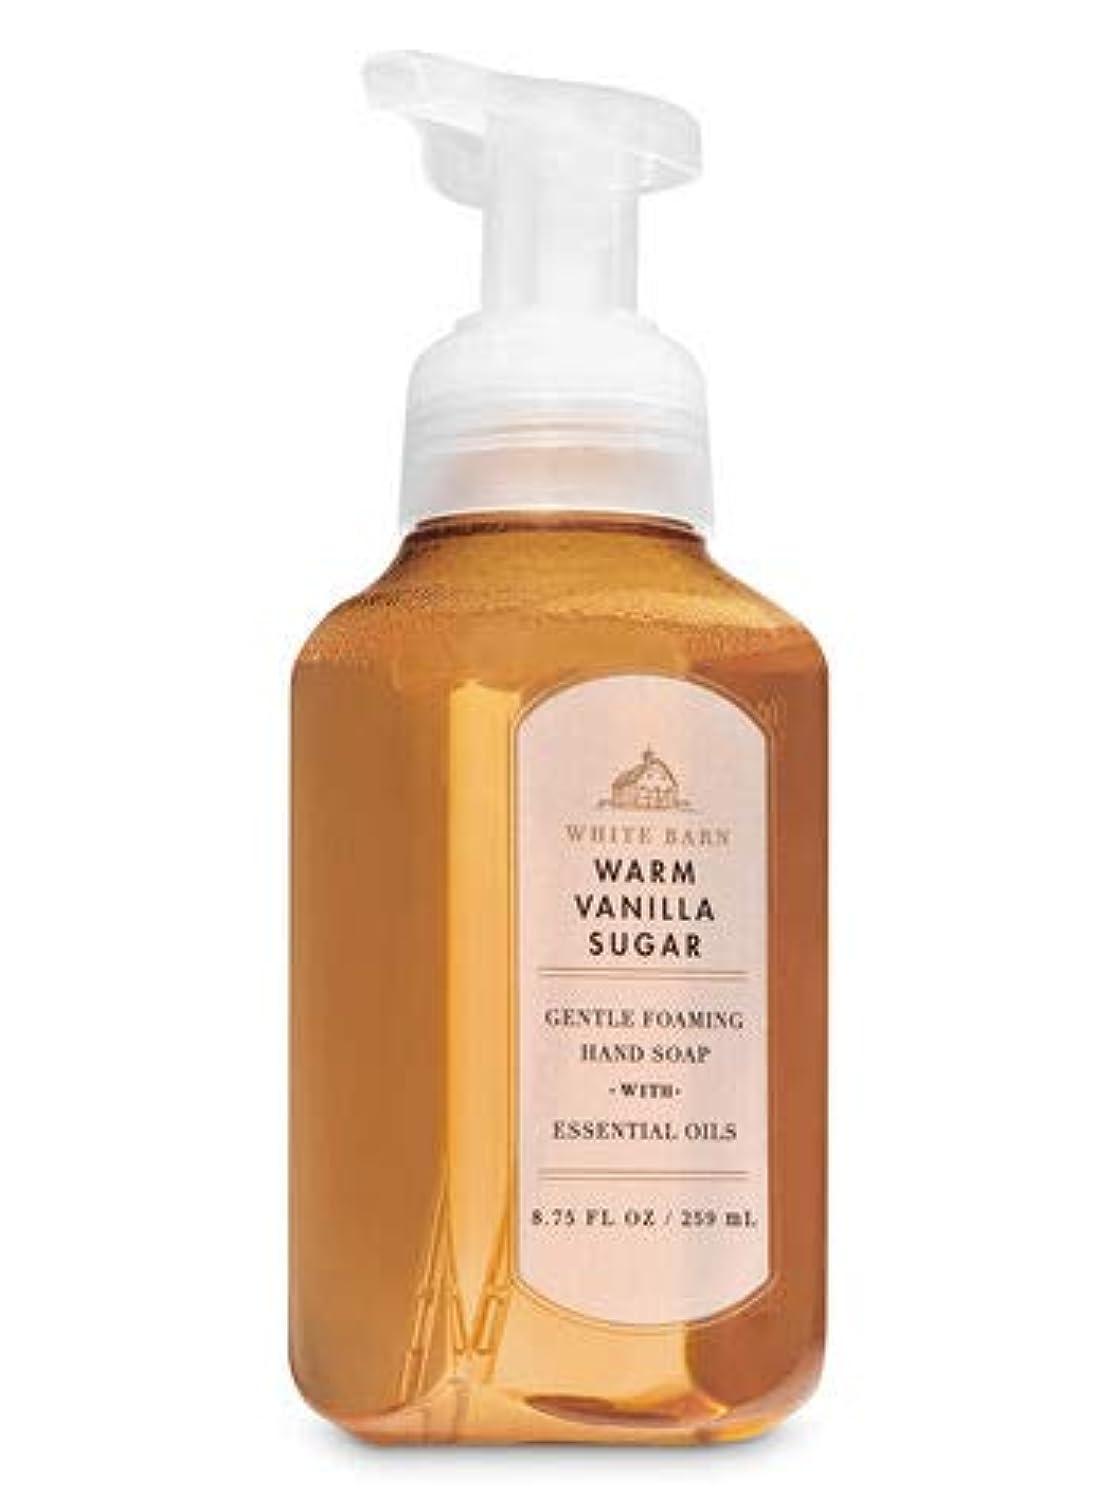 心理的に手順海里バス&ボディワークス ウォームバニラシュガー ジェントル フォーミング ハンドソープ Warm Vanilla Sugar Gentle Foaming Hand Soap [並行輸入品]